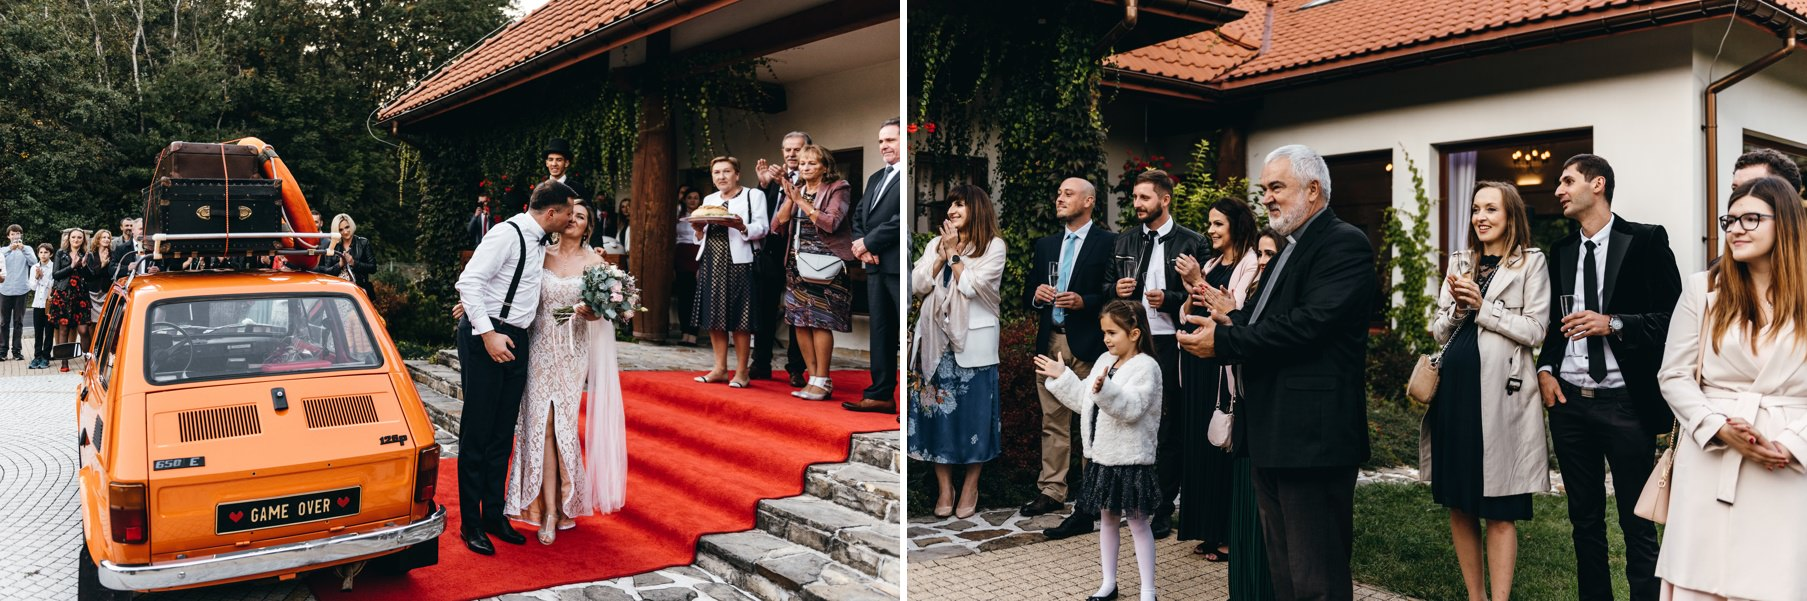 para młoda podjeżdża pod dwór kociołek, wesele w dworze kociołek, przywitanie pary młodej